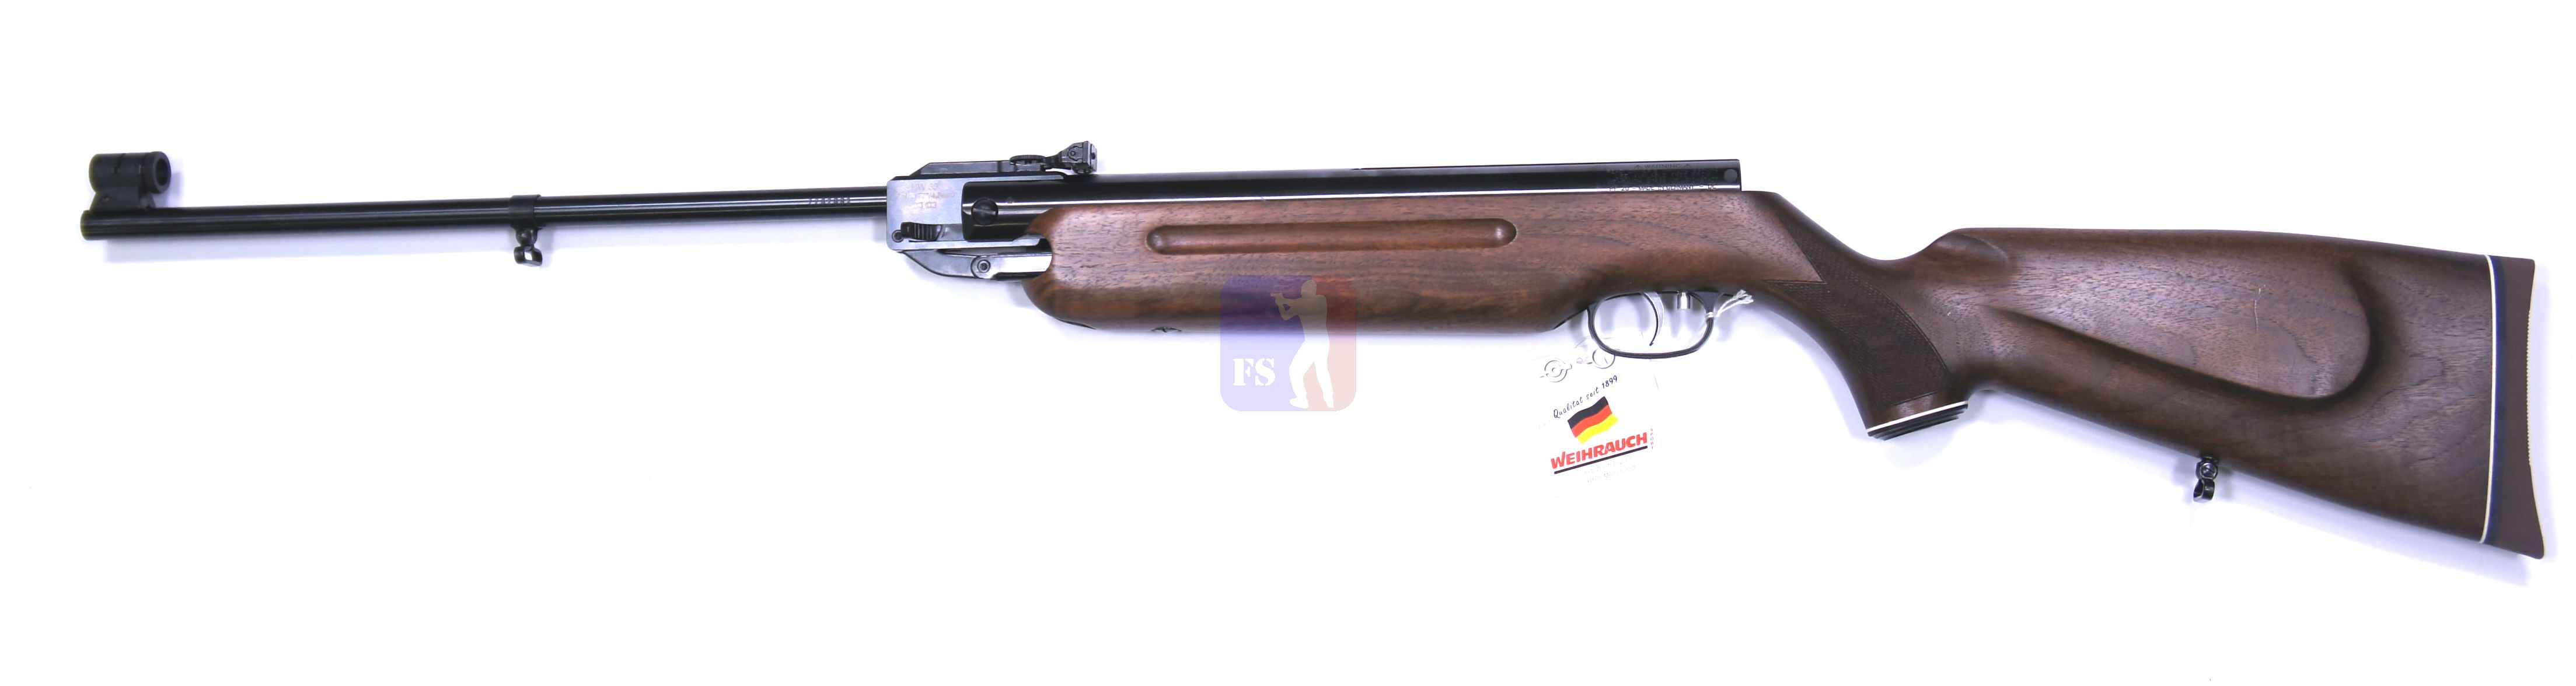 Luftgewehr HW 35 Export mit Nussbaumschaft und Riemenbügeln